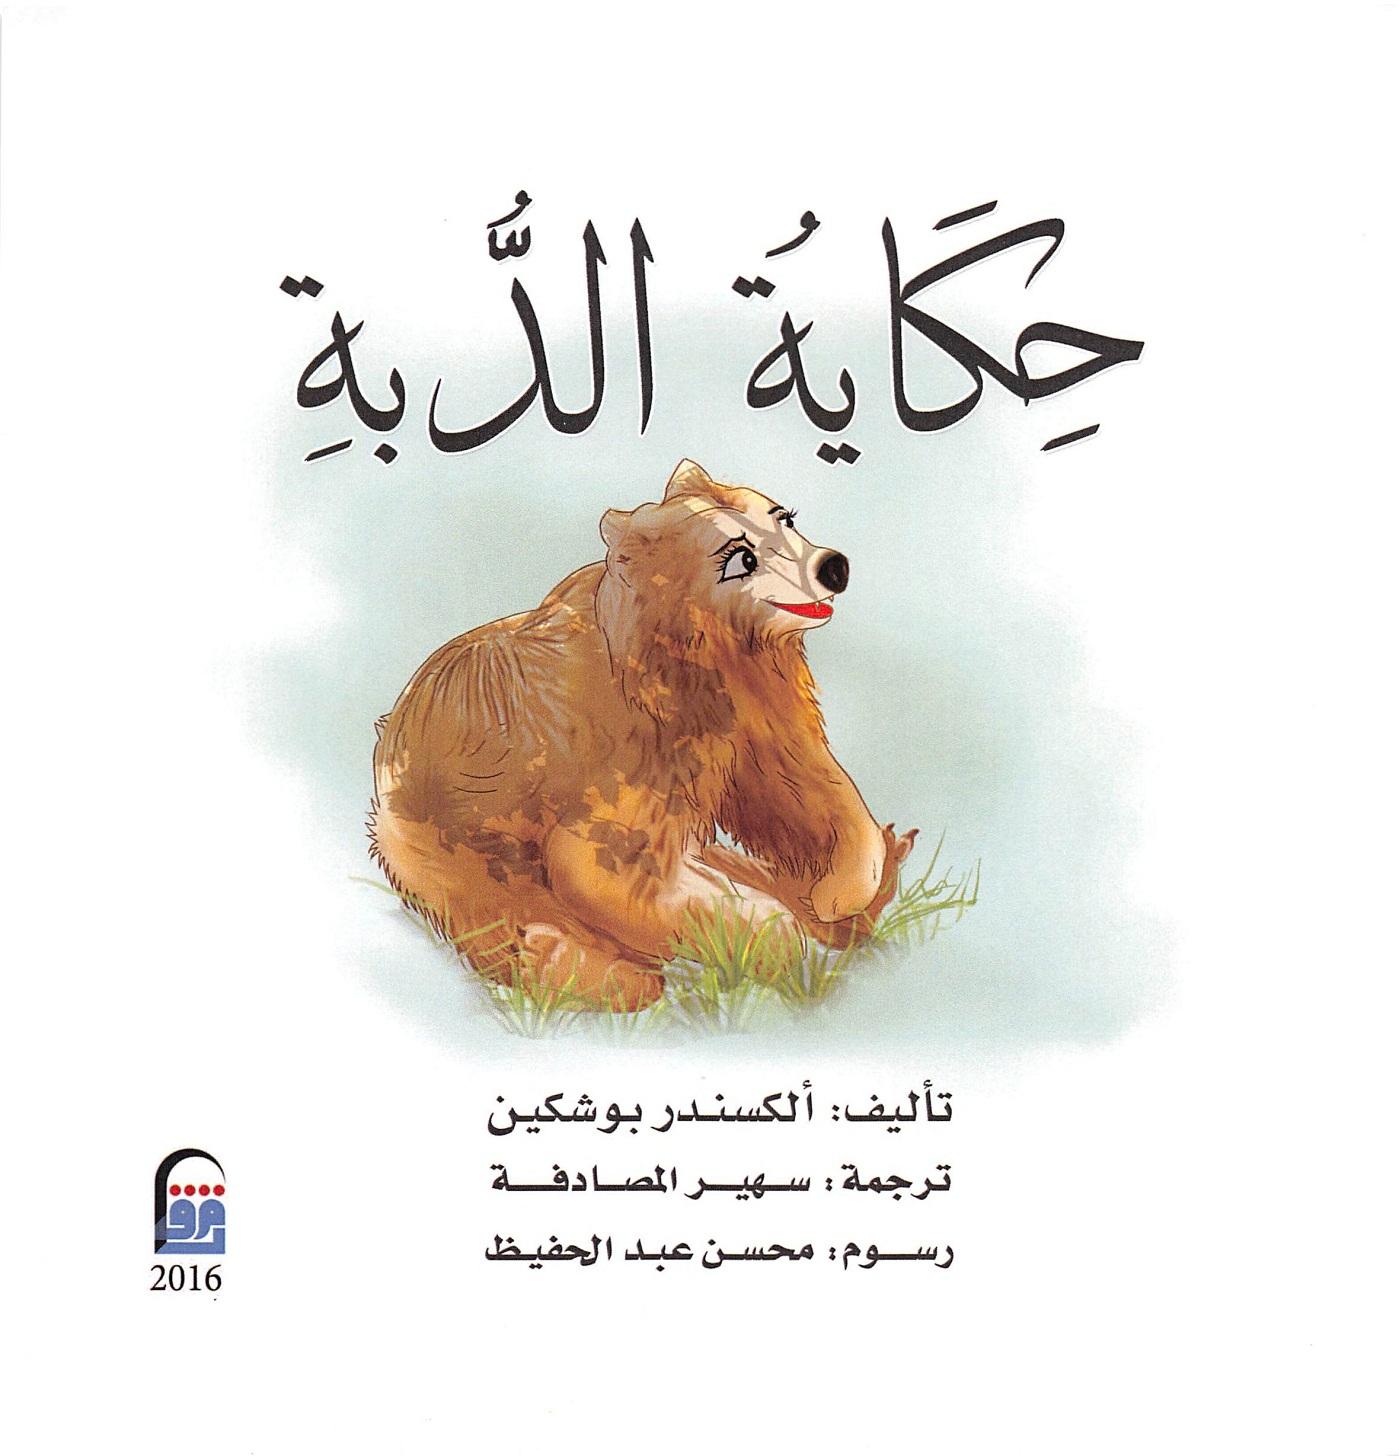 العدد 1905 من الحكايات الشعبية الروسية :: حكاية الدبة :: للتحميل pdf حصريا على اكثر من سيرفر ( قصص للأطفال ) 022vw018